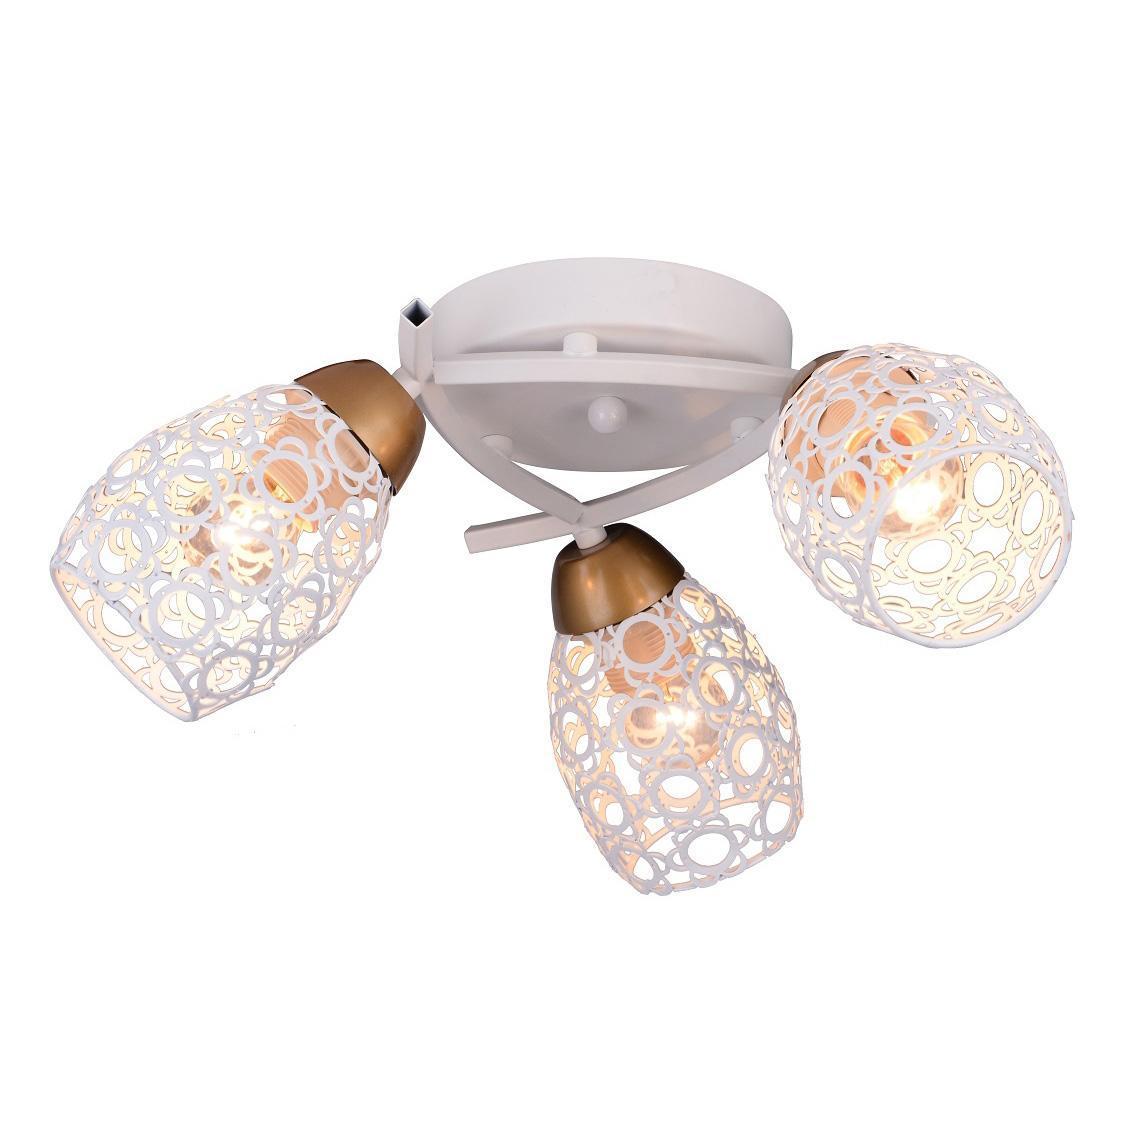 Люстра Toplight Mavis TL3810X-03WH потолочная потолочная люстра toplight mavis tl3810x 03wh